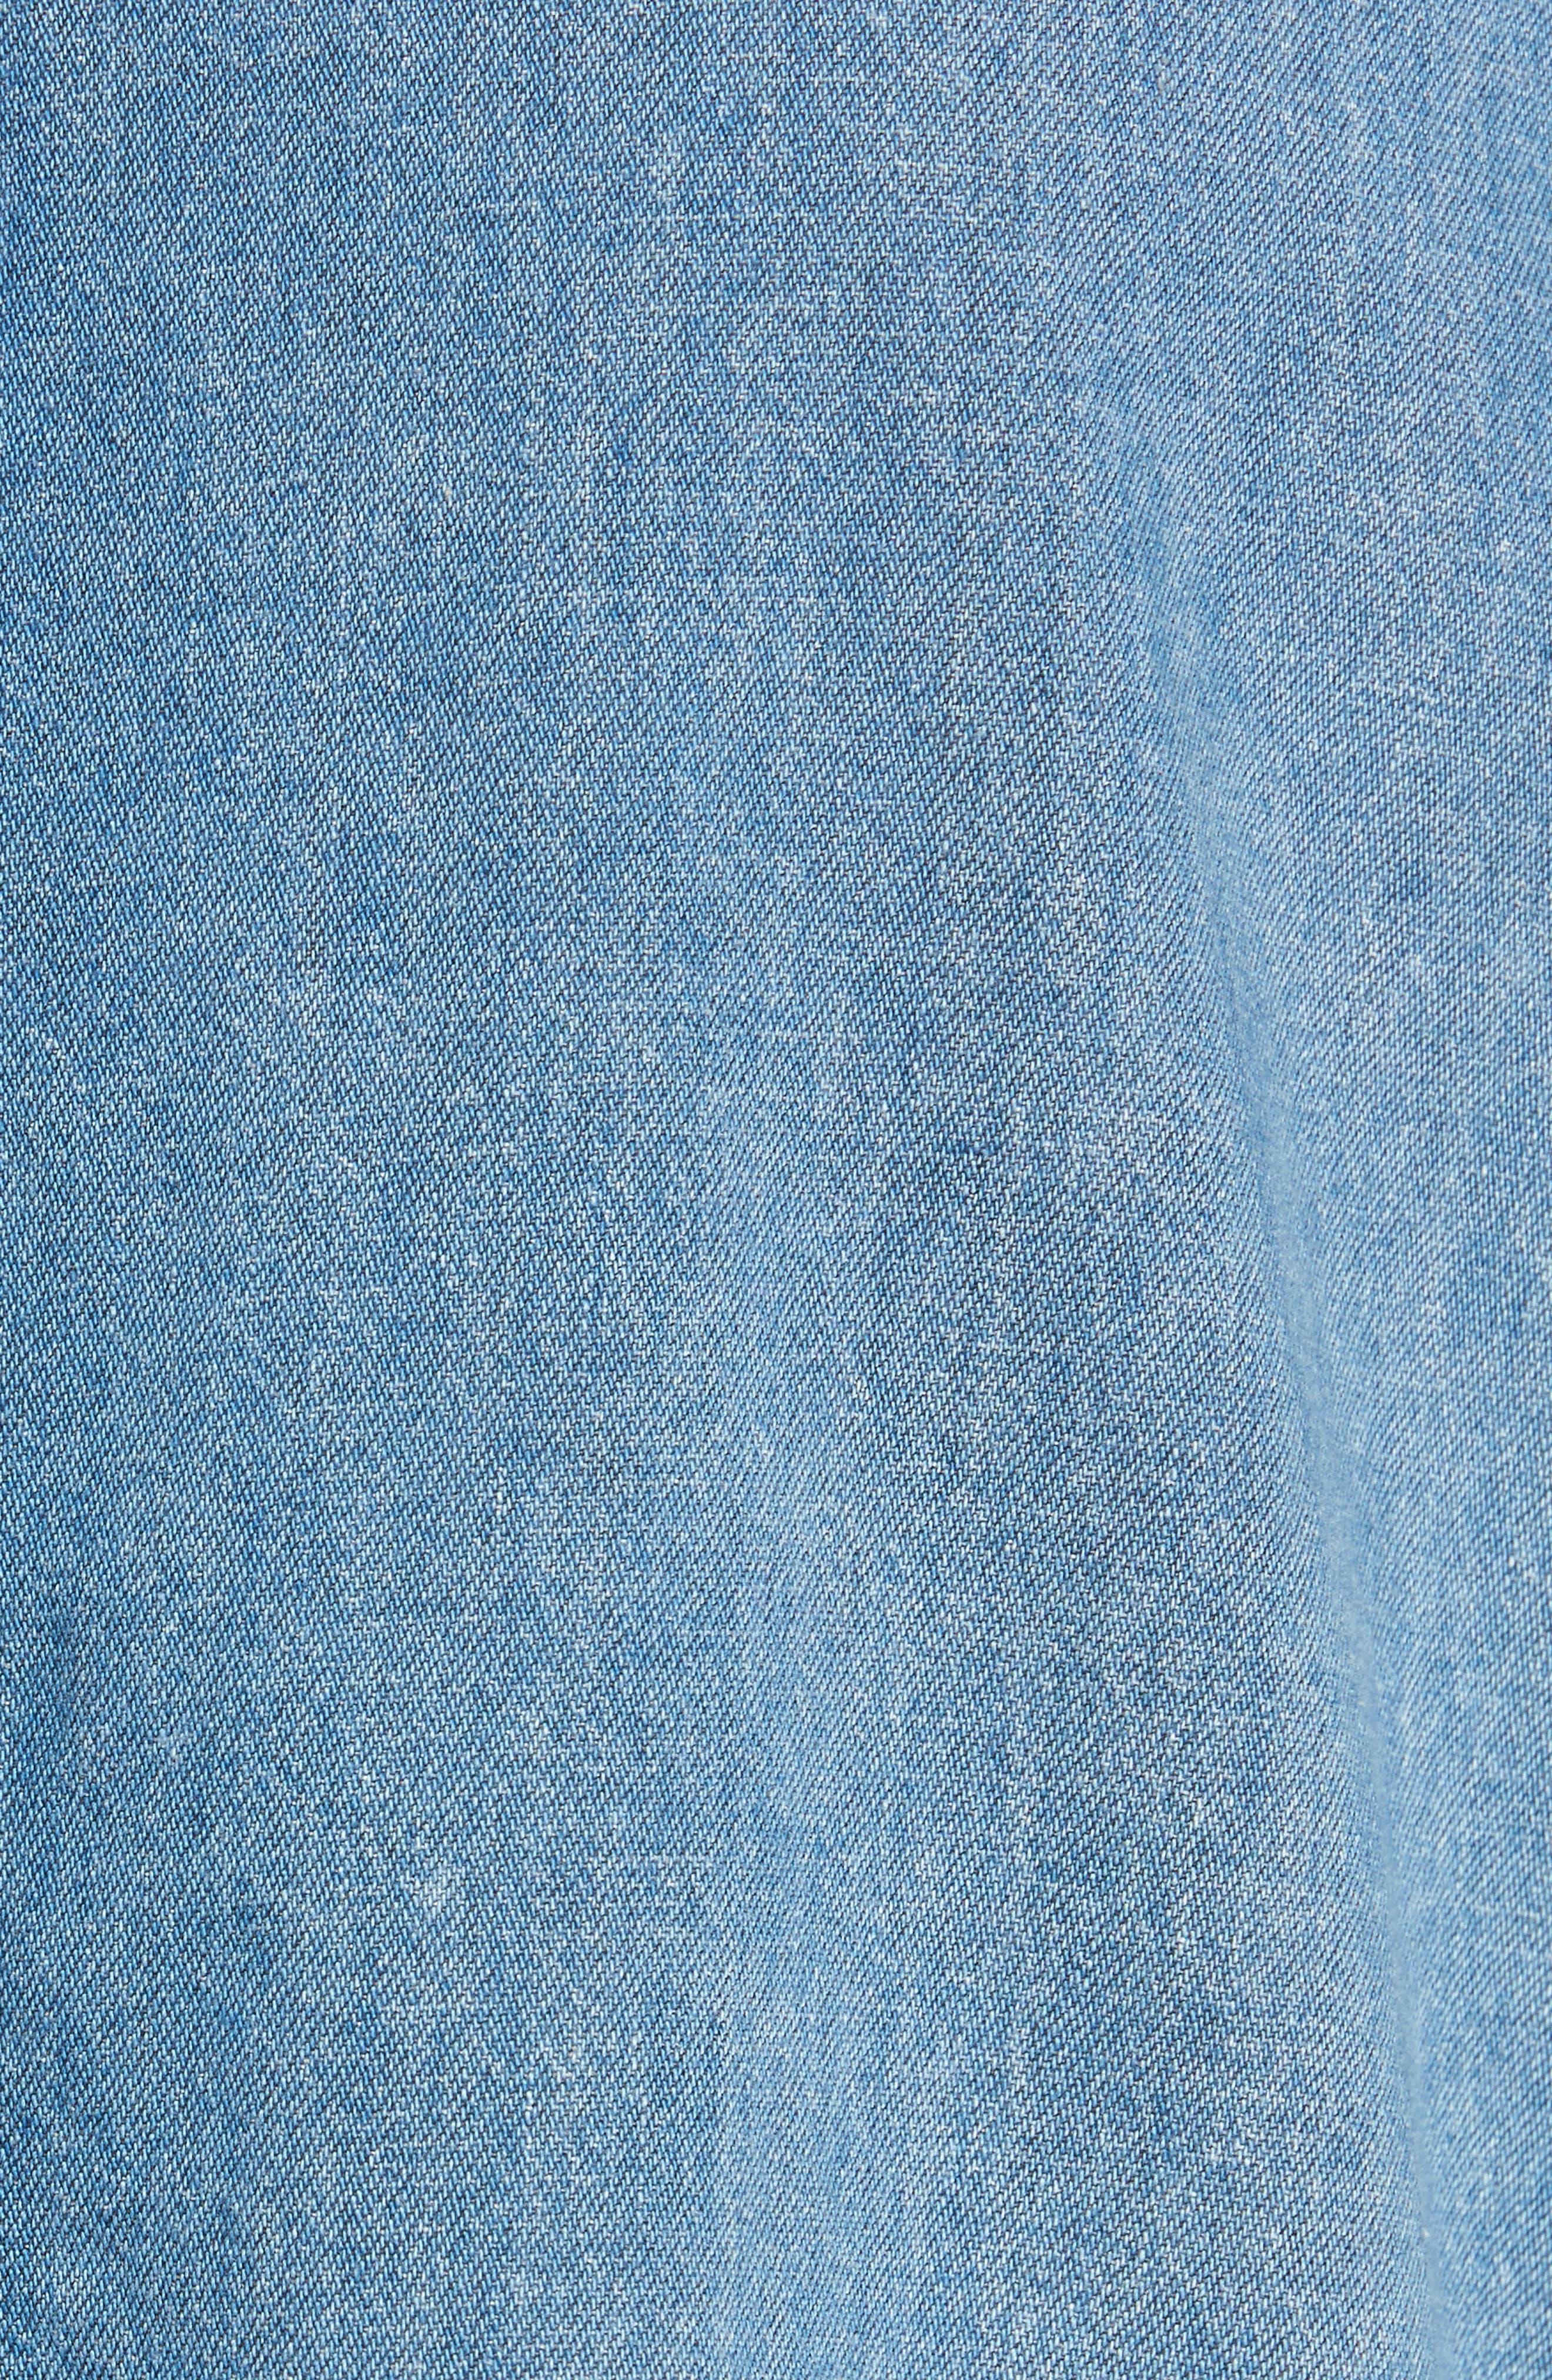 Elton Oversized Denim Shirt,                             Alternate thumbnail 5, color,